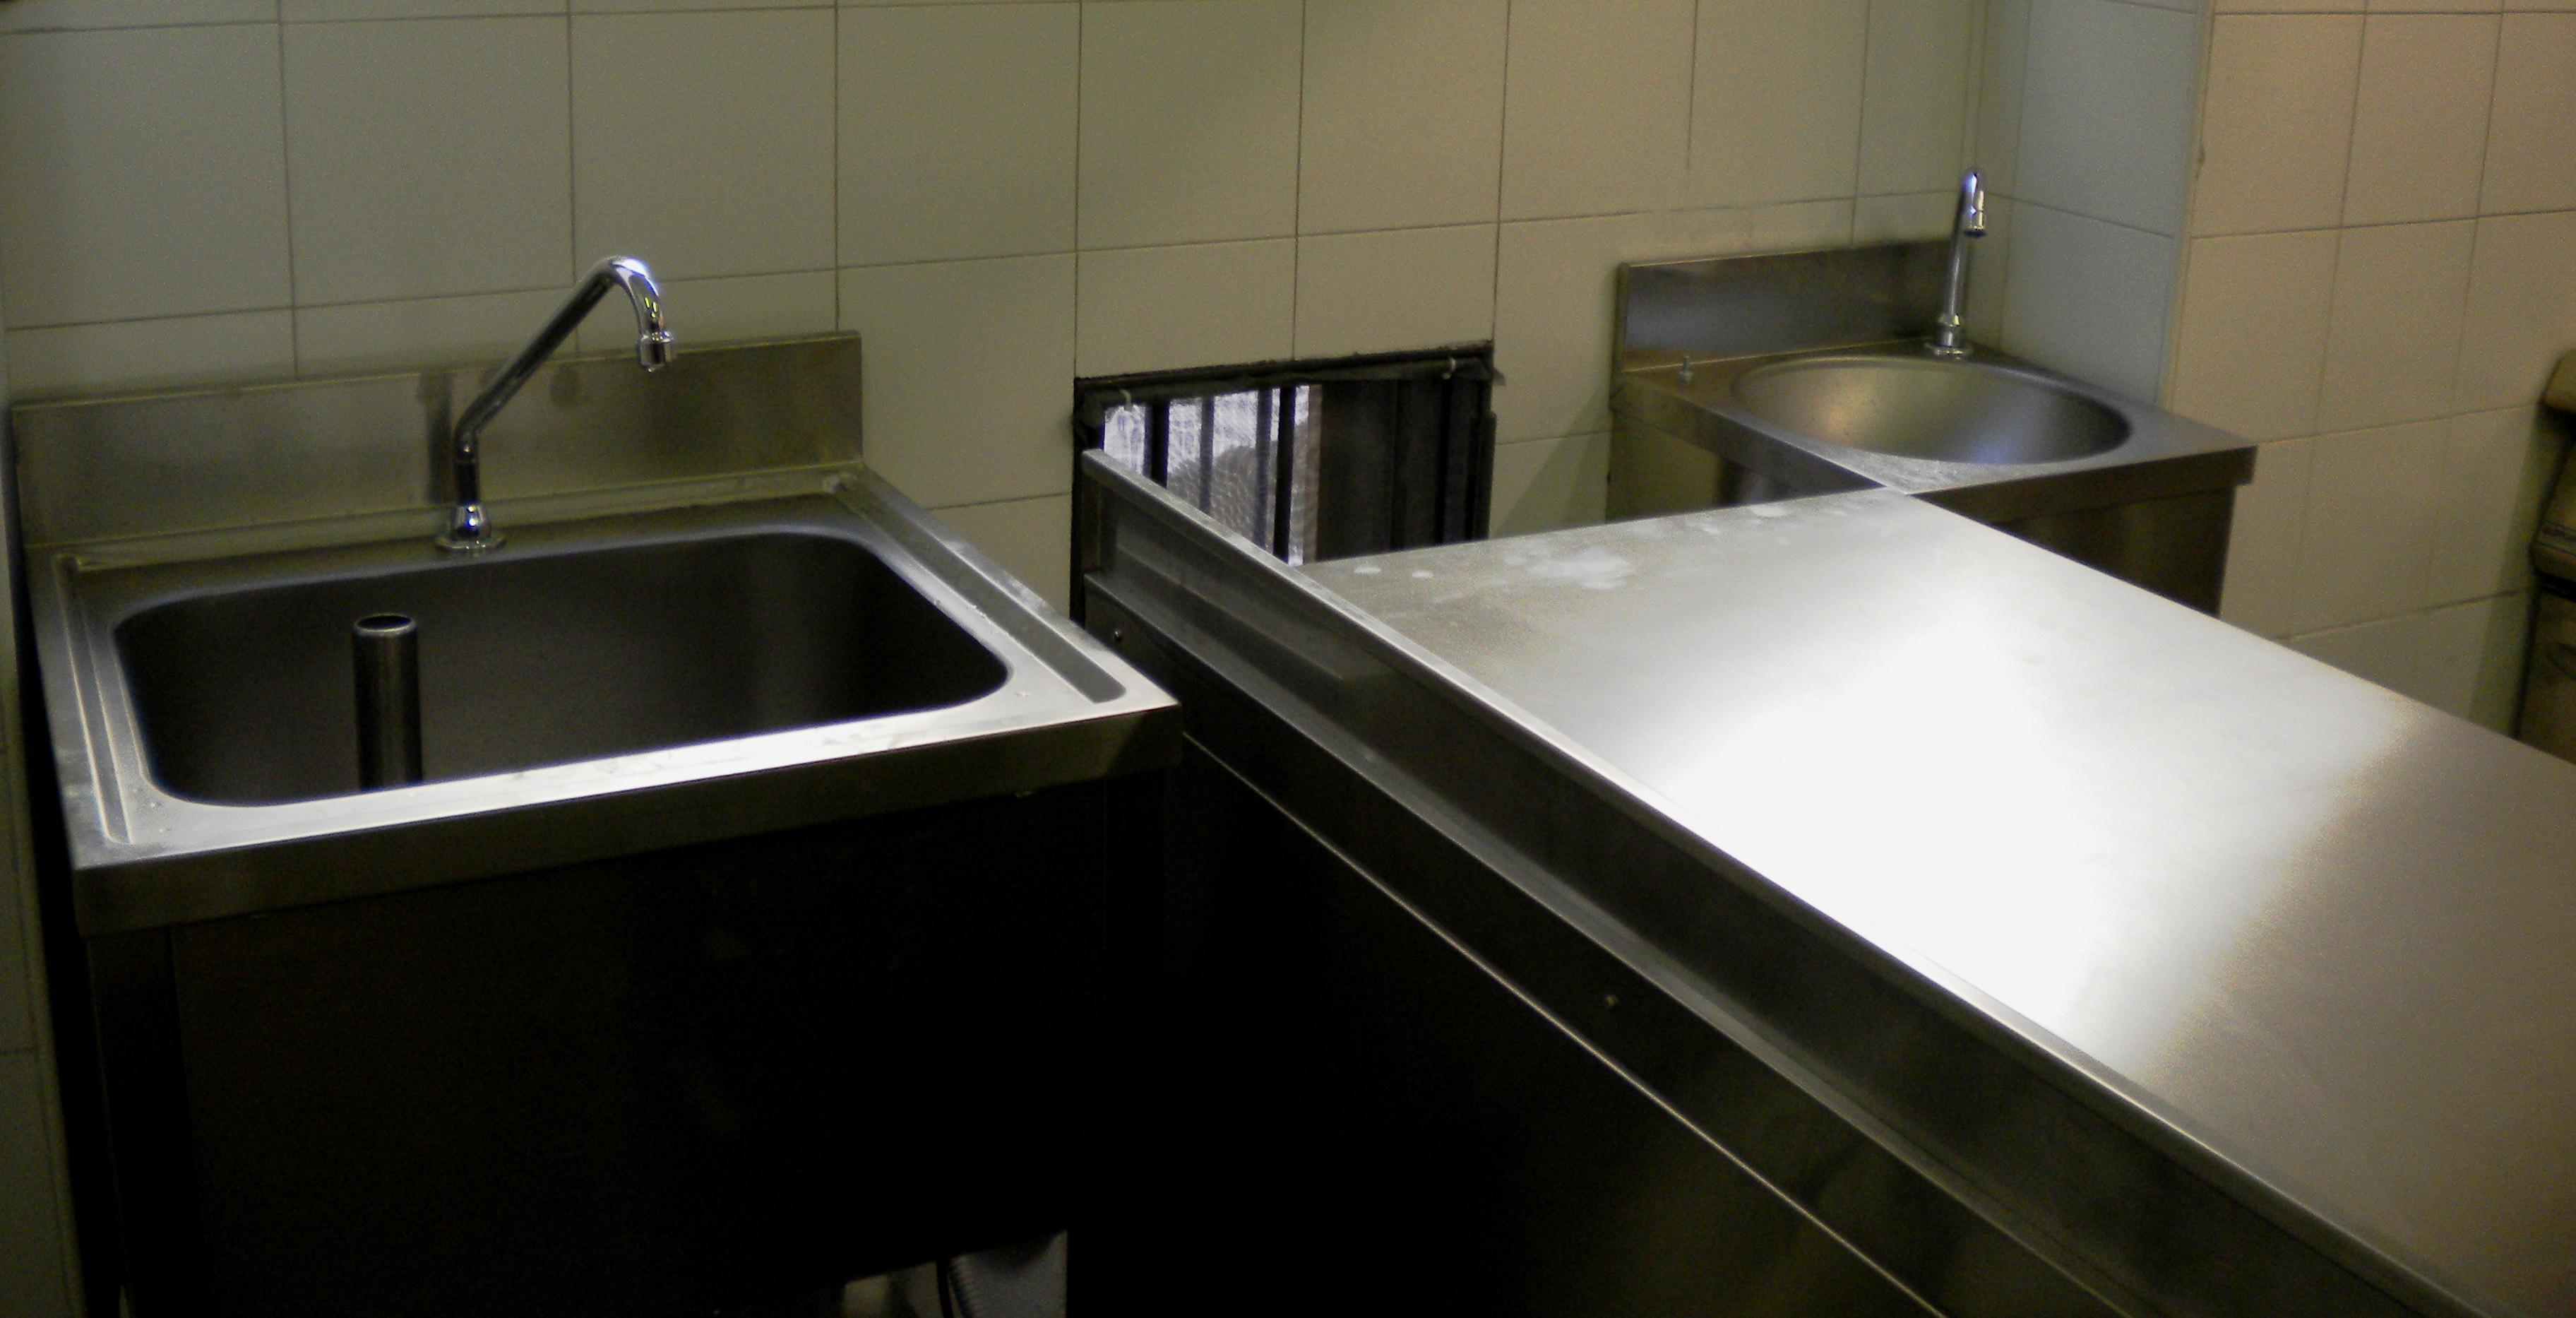 Accessori Bagno Torino E Provincia : Negozi arredamento torino e provincia sanitari bagno